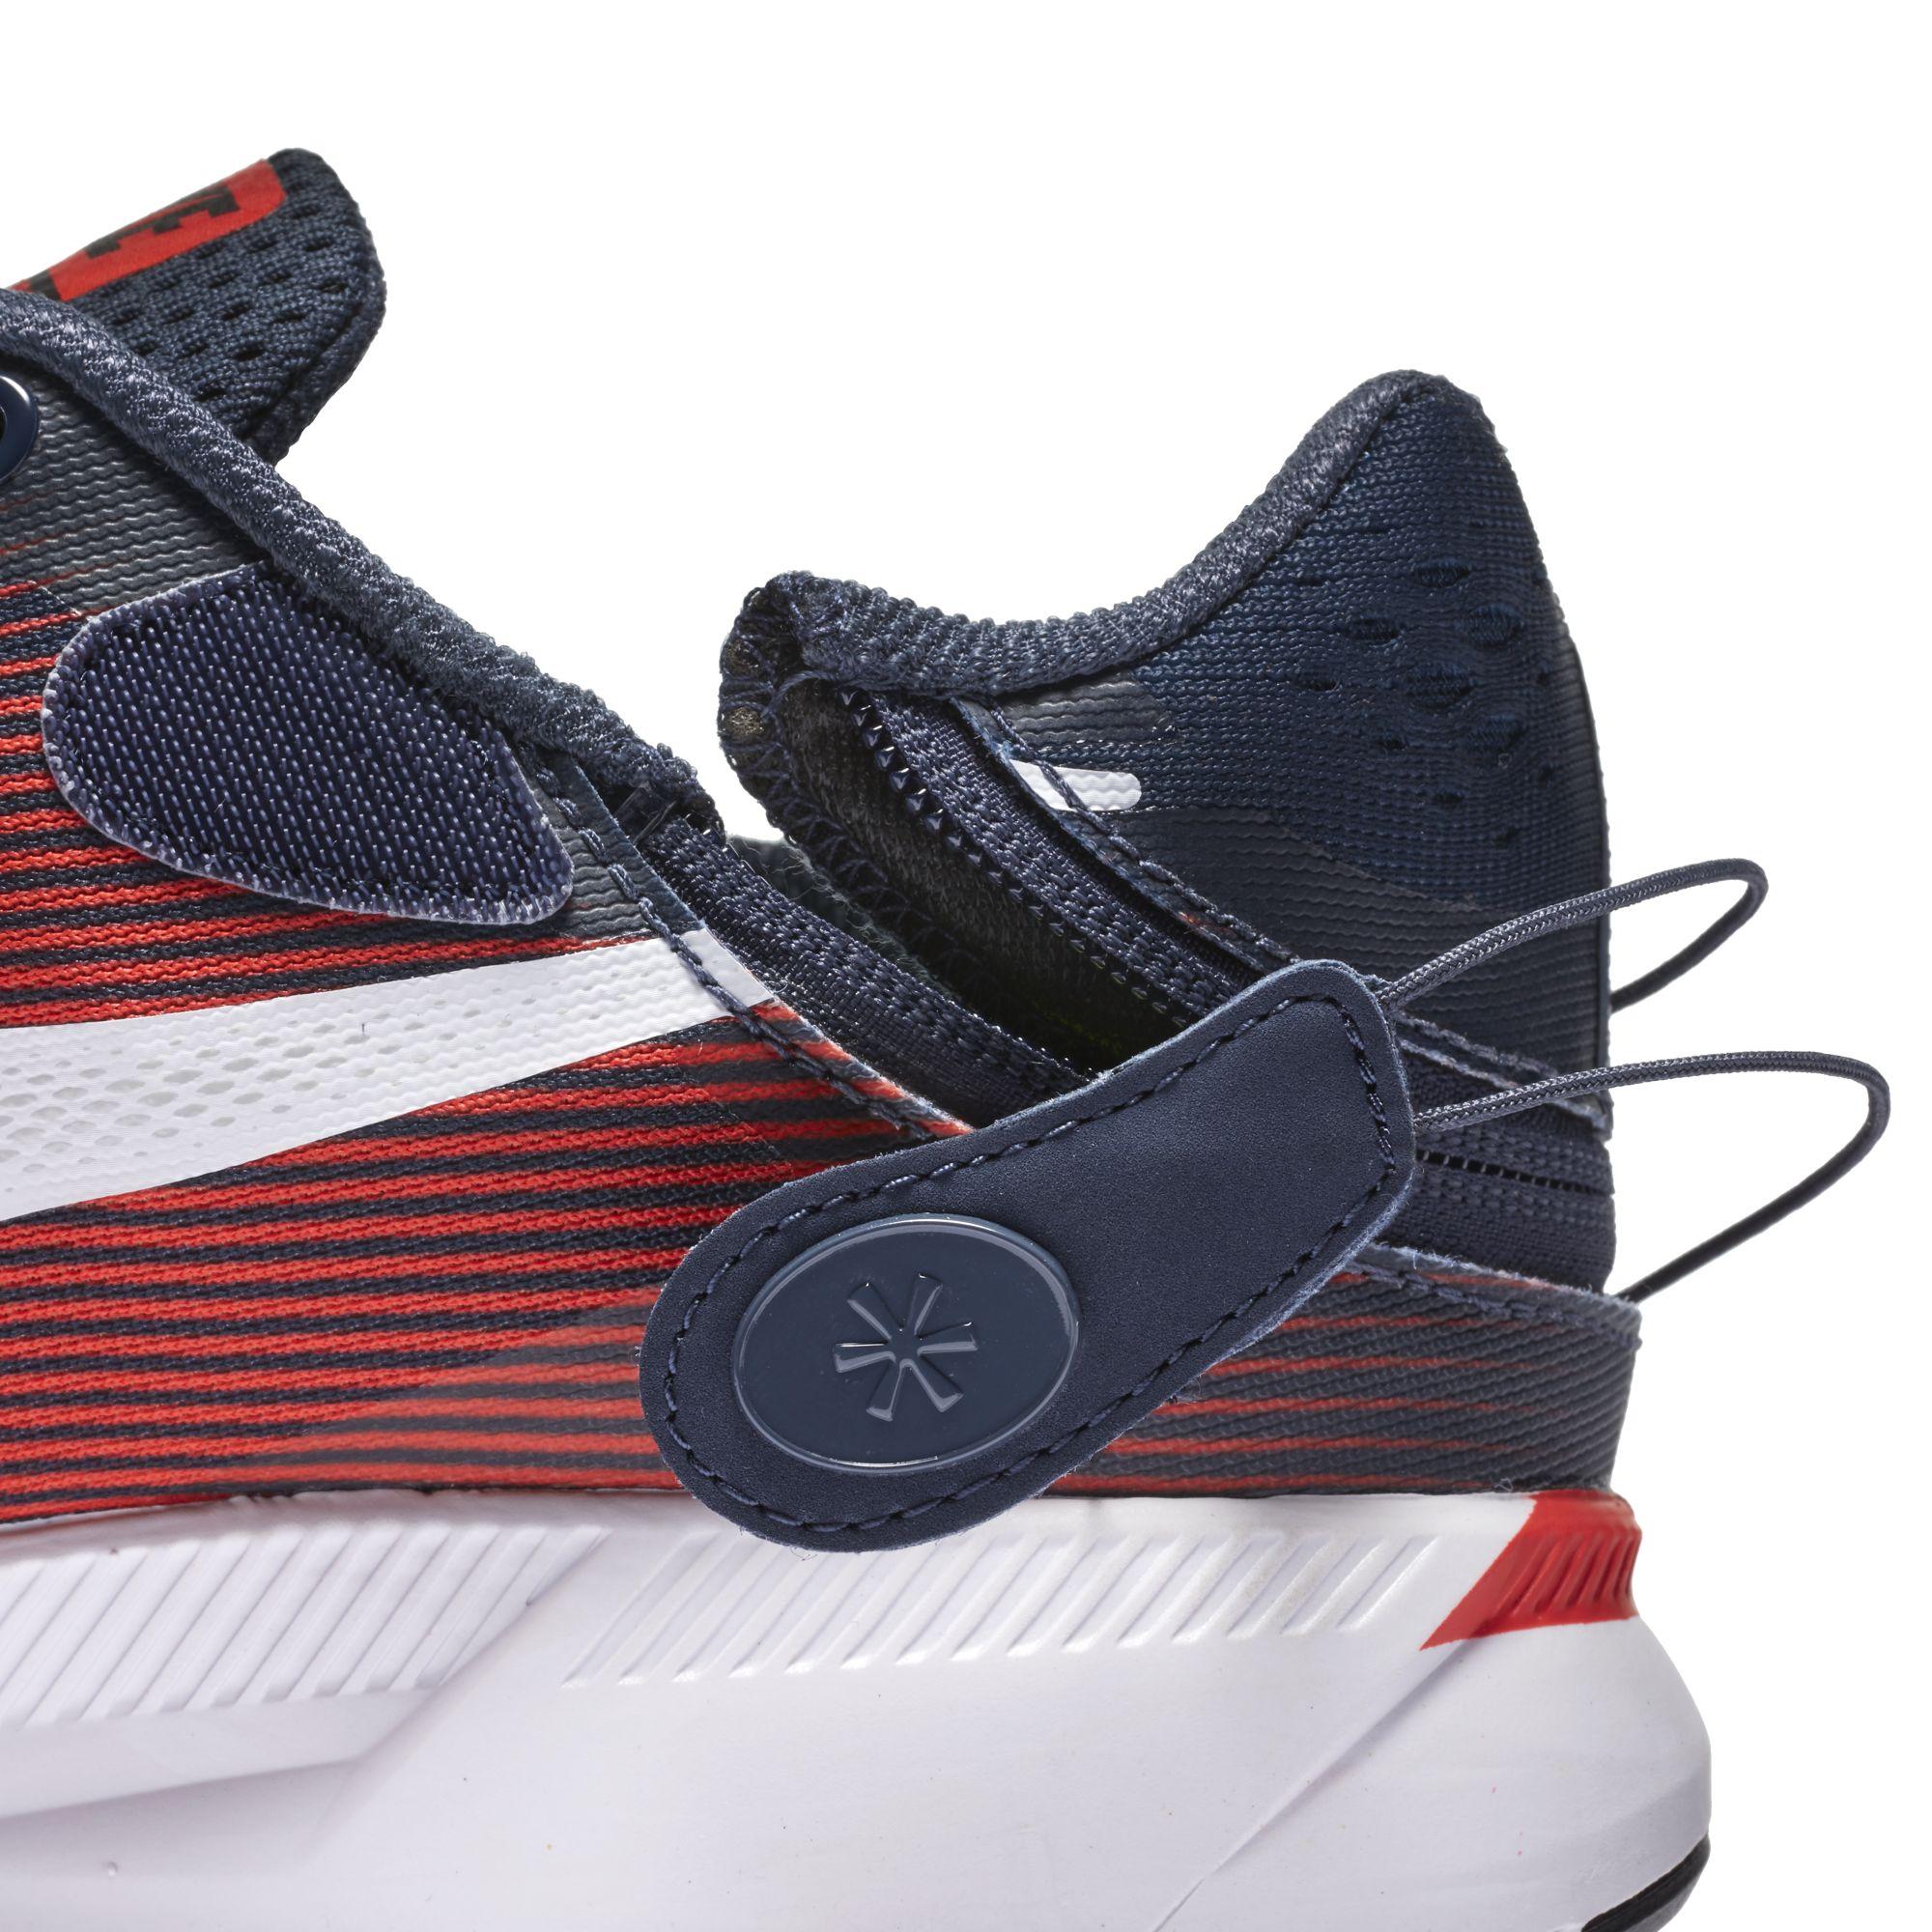 Nike Air Zoom Pegasus 34 Flyease 7